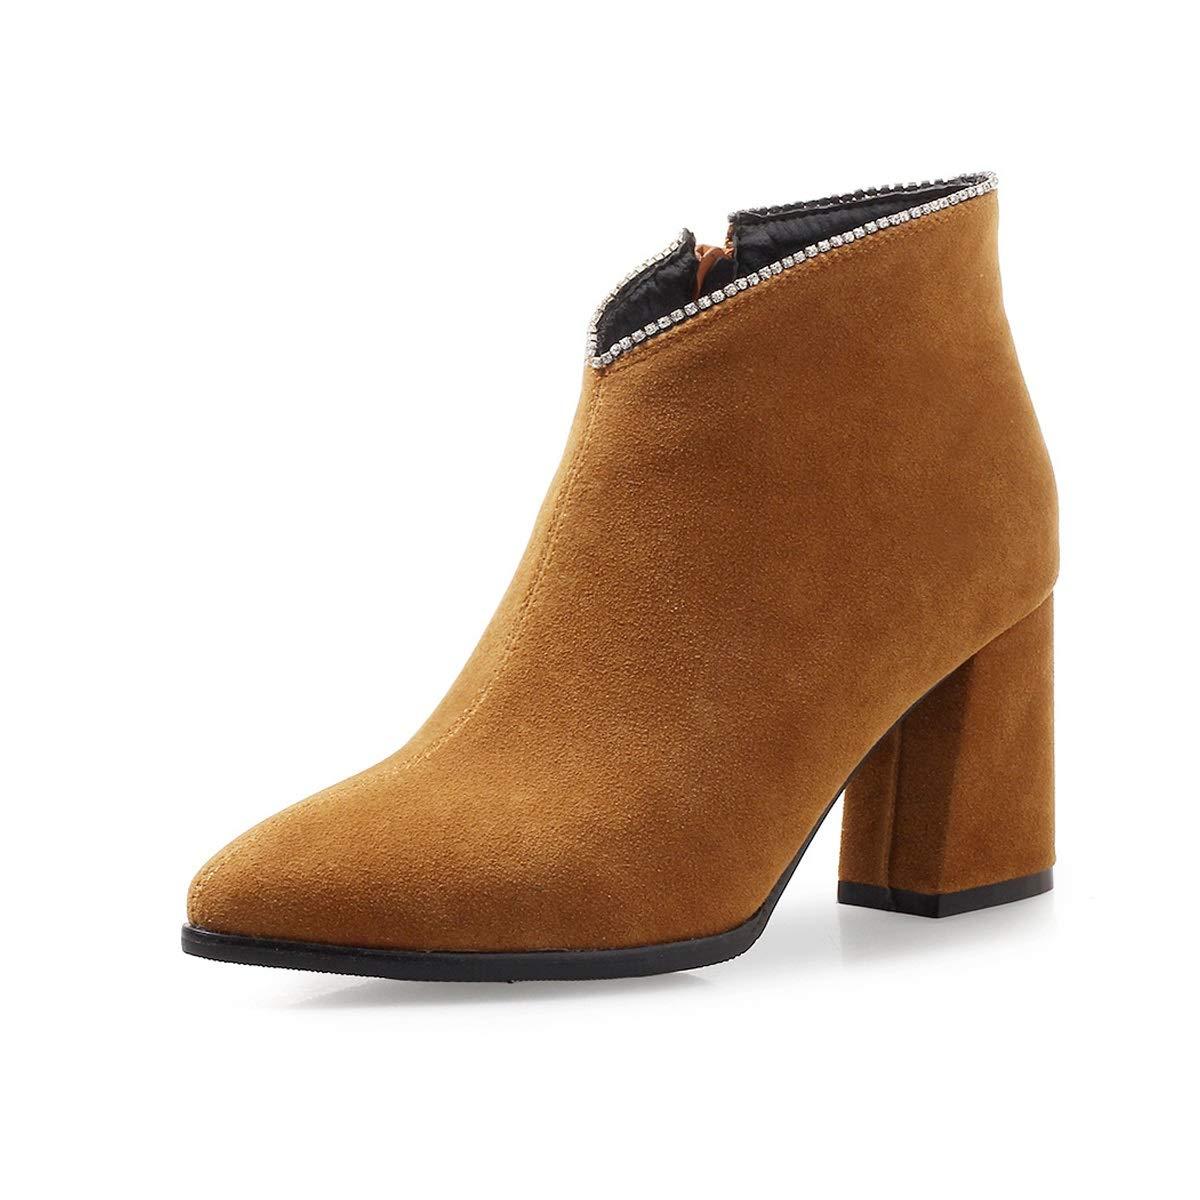 Damenstiefeletten Dicke Ferse High Heel Chelsea Stiefelies Damen Baumwolle Bequeme Dicke Ferse Mode Stiefel (Farbe   C Größe   43)